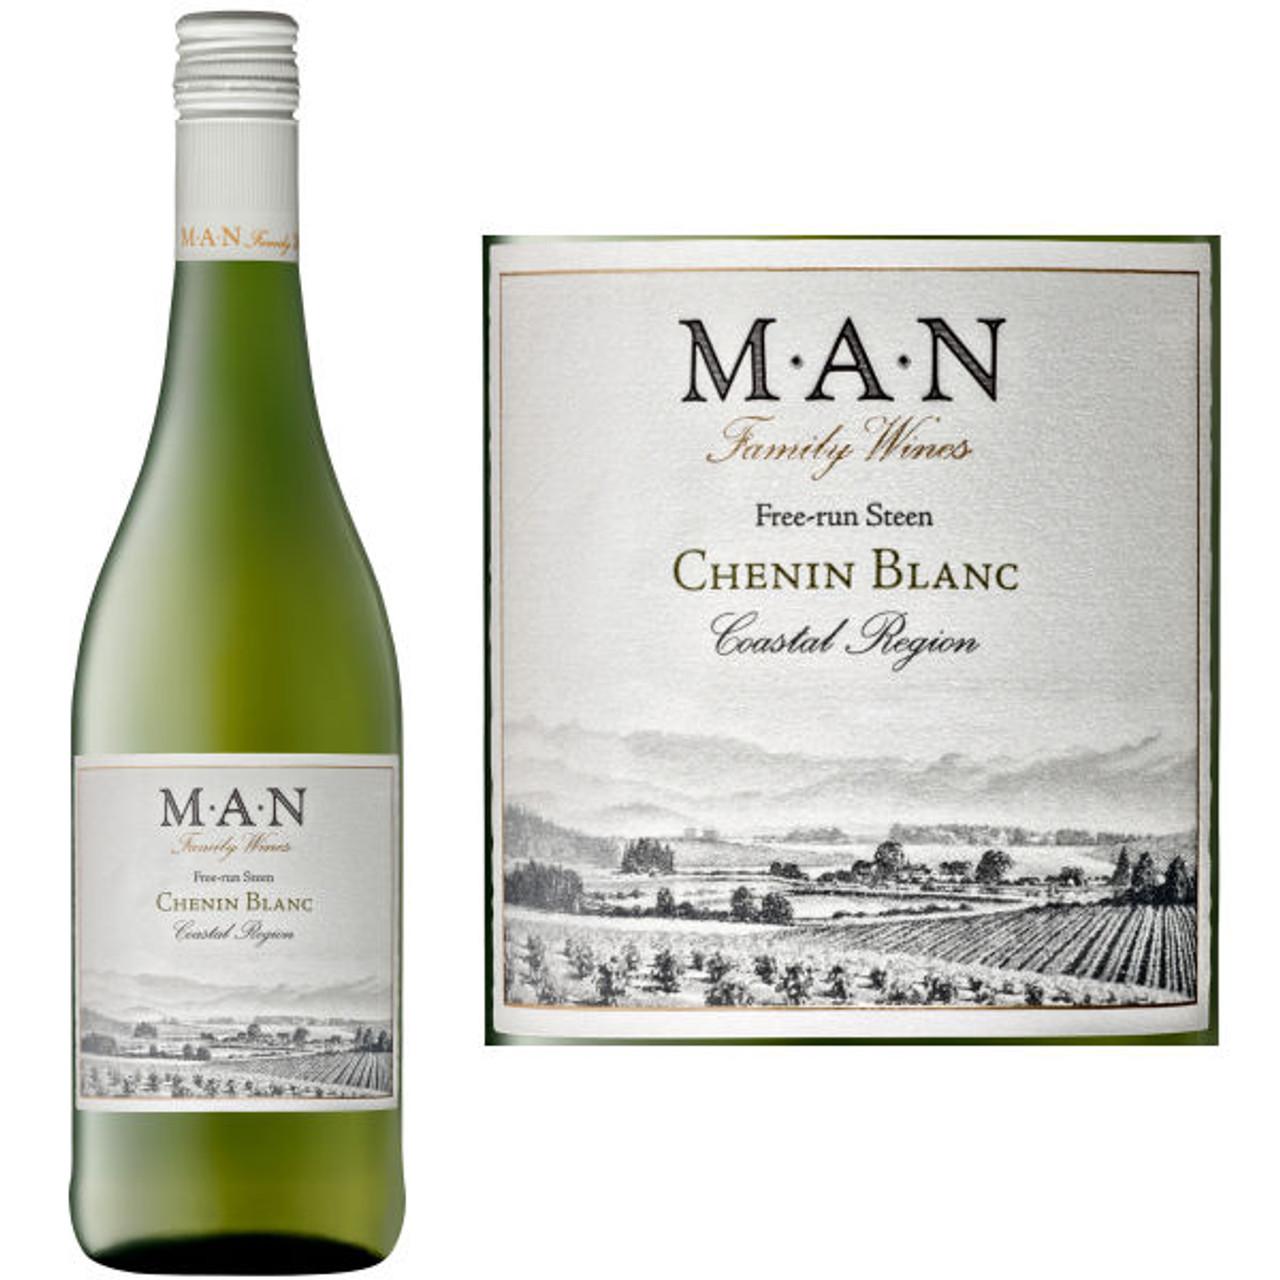 MAN Family Wines Coastal Region Chenin Blanc